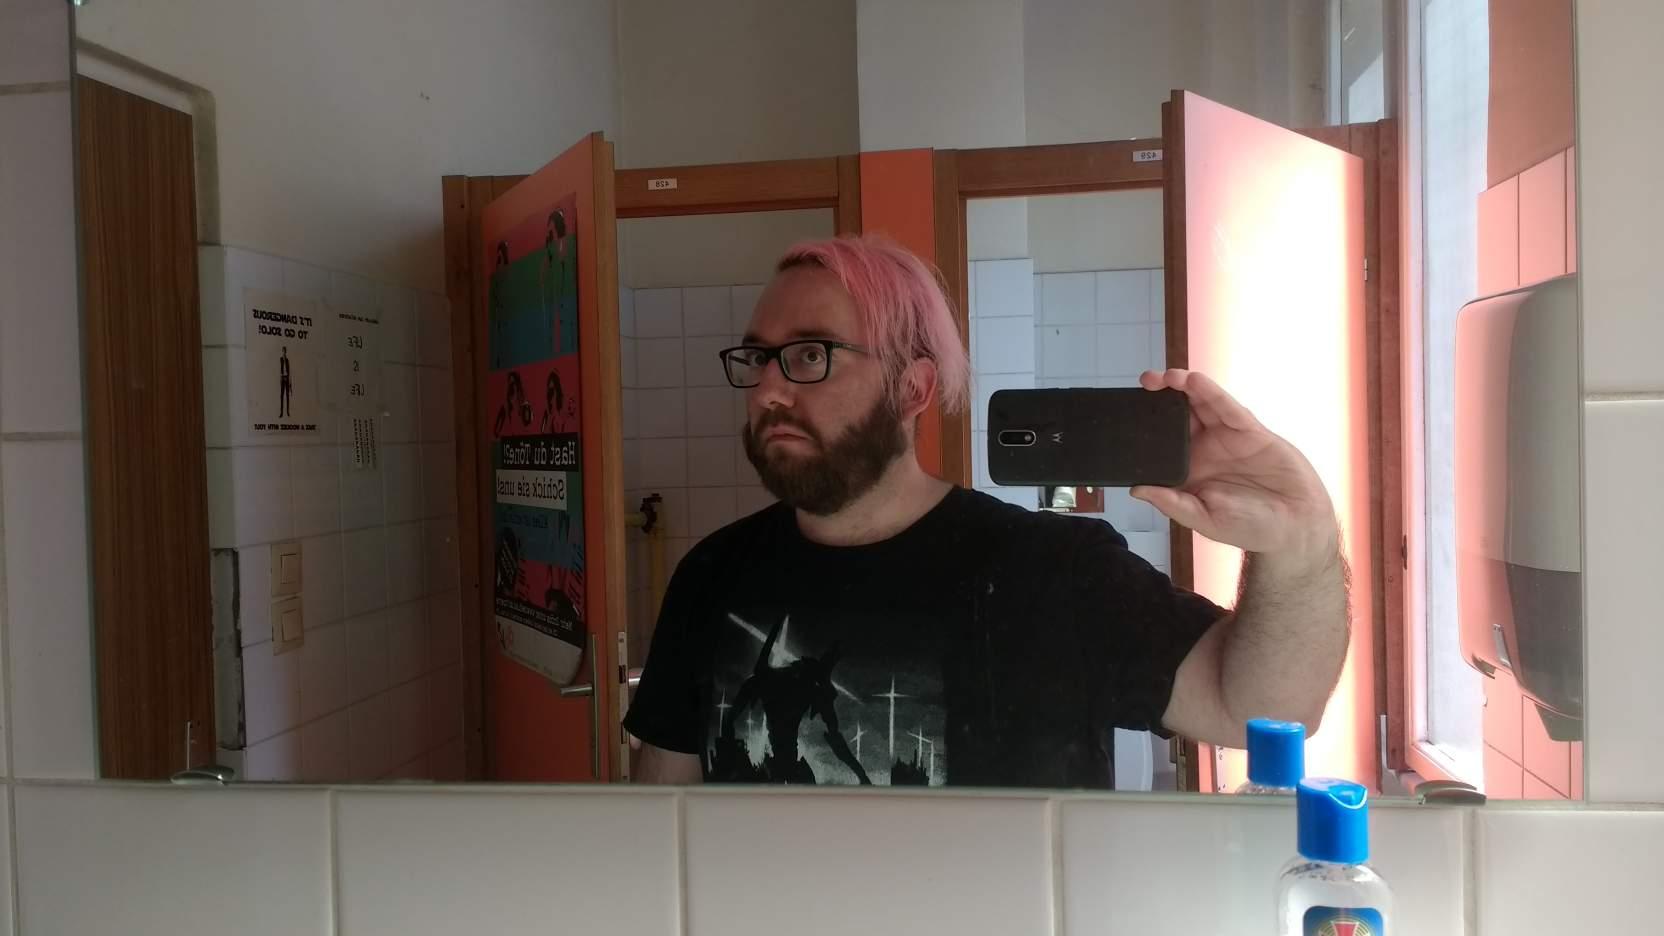 Joël steht auf einem Klo und macht ein Selfie, nicht ganz so skeptischer Blick